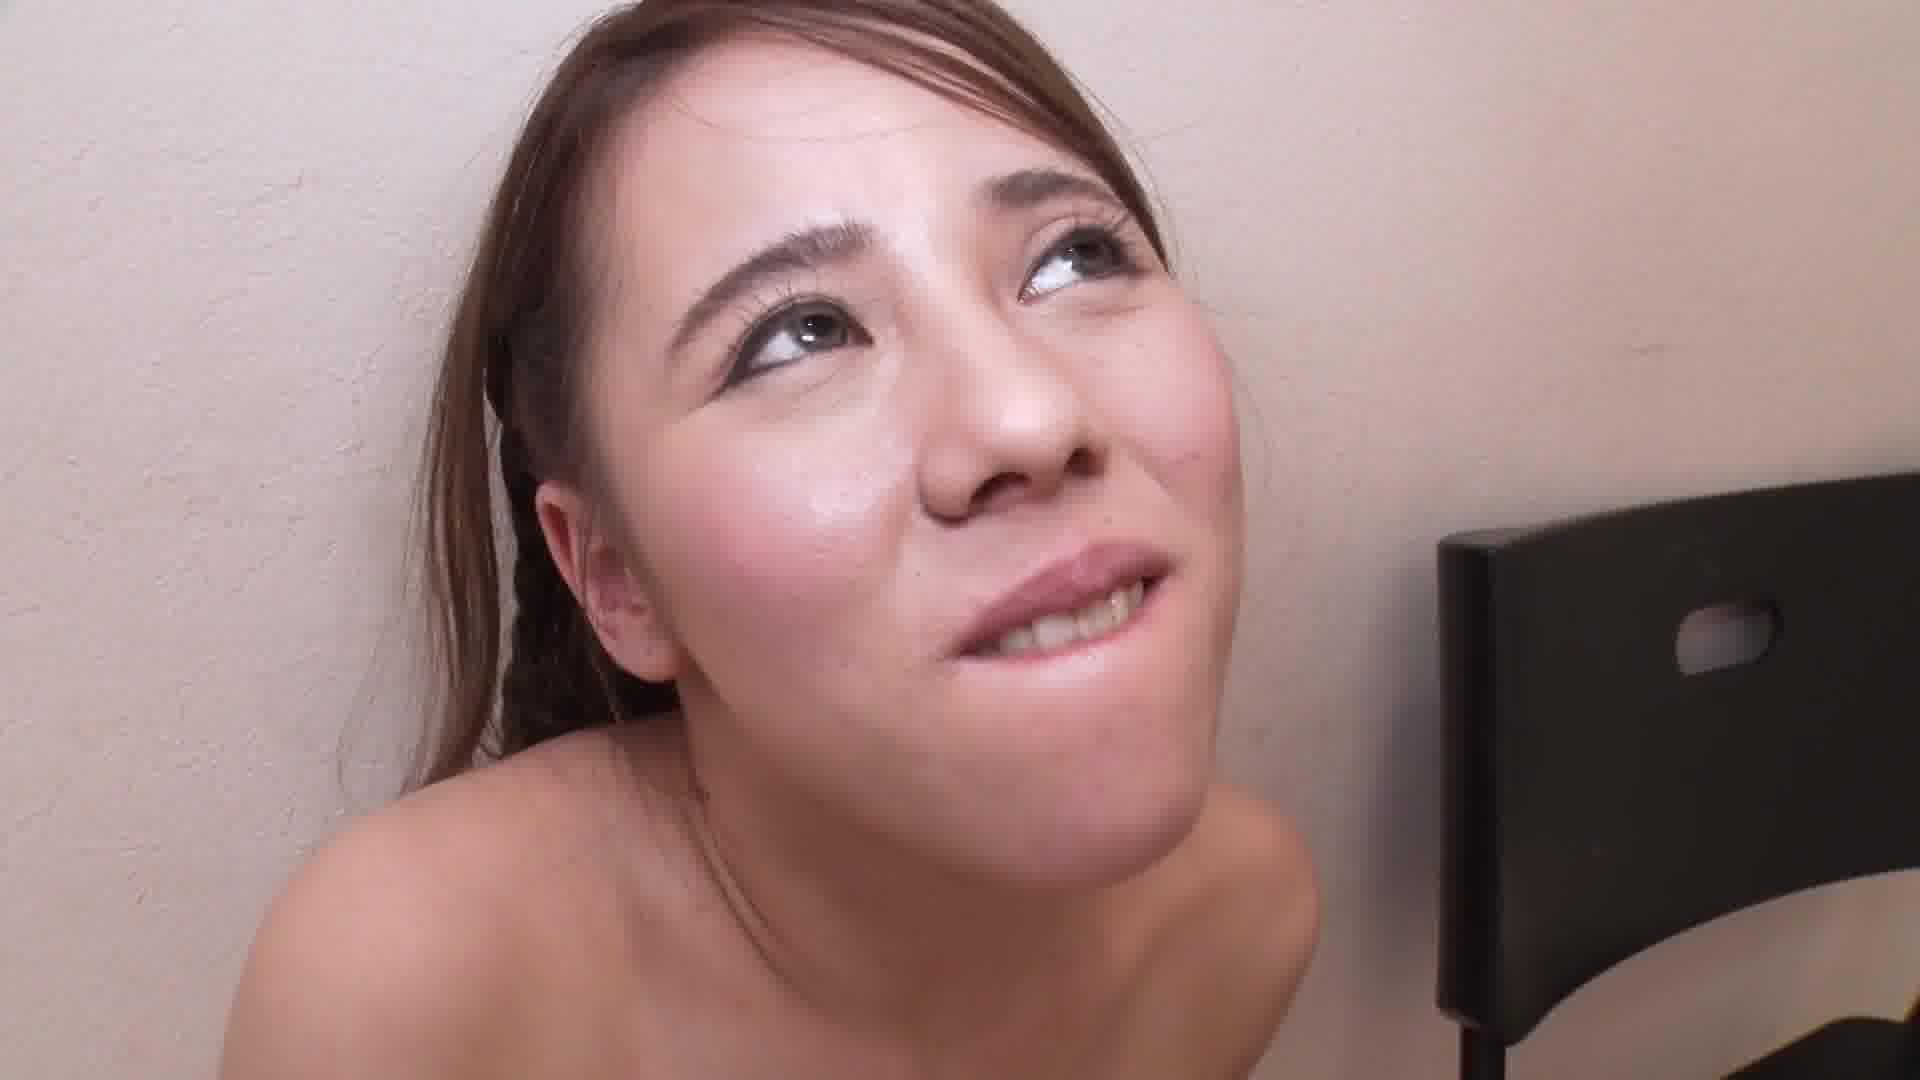 ネトラレ ~元ヤリマン彼女の貞操崩壊同窓会~ - 柊シエル【乱交・スレンダー・中出し】